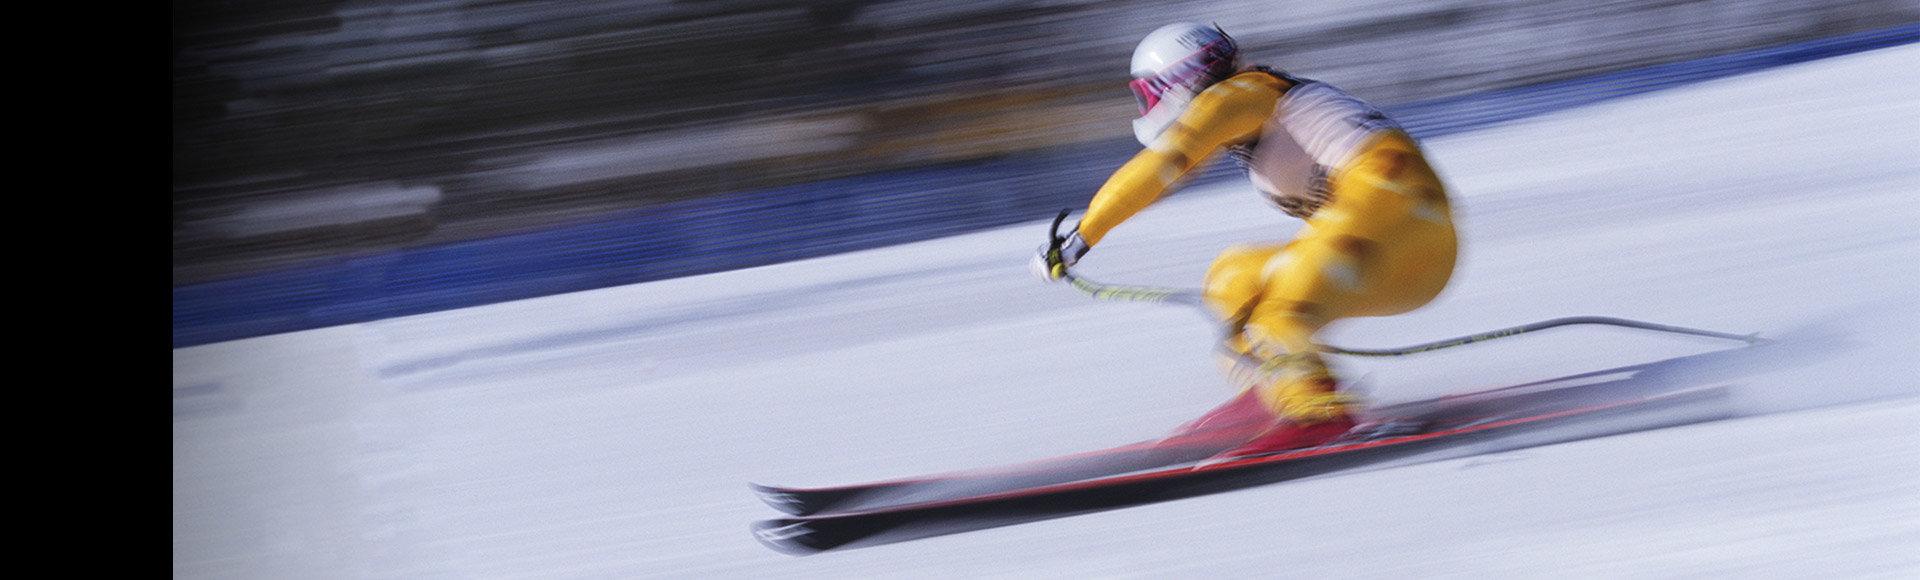 Nasıl Yapılır: Kış Olimpiyatları